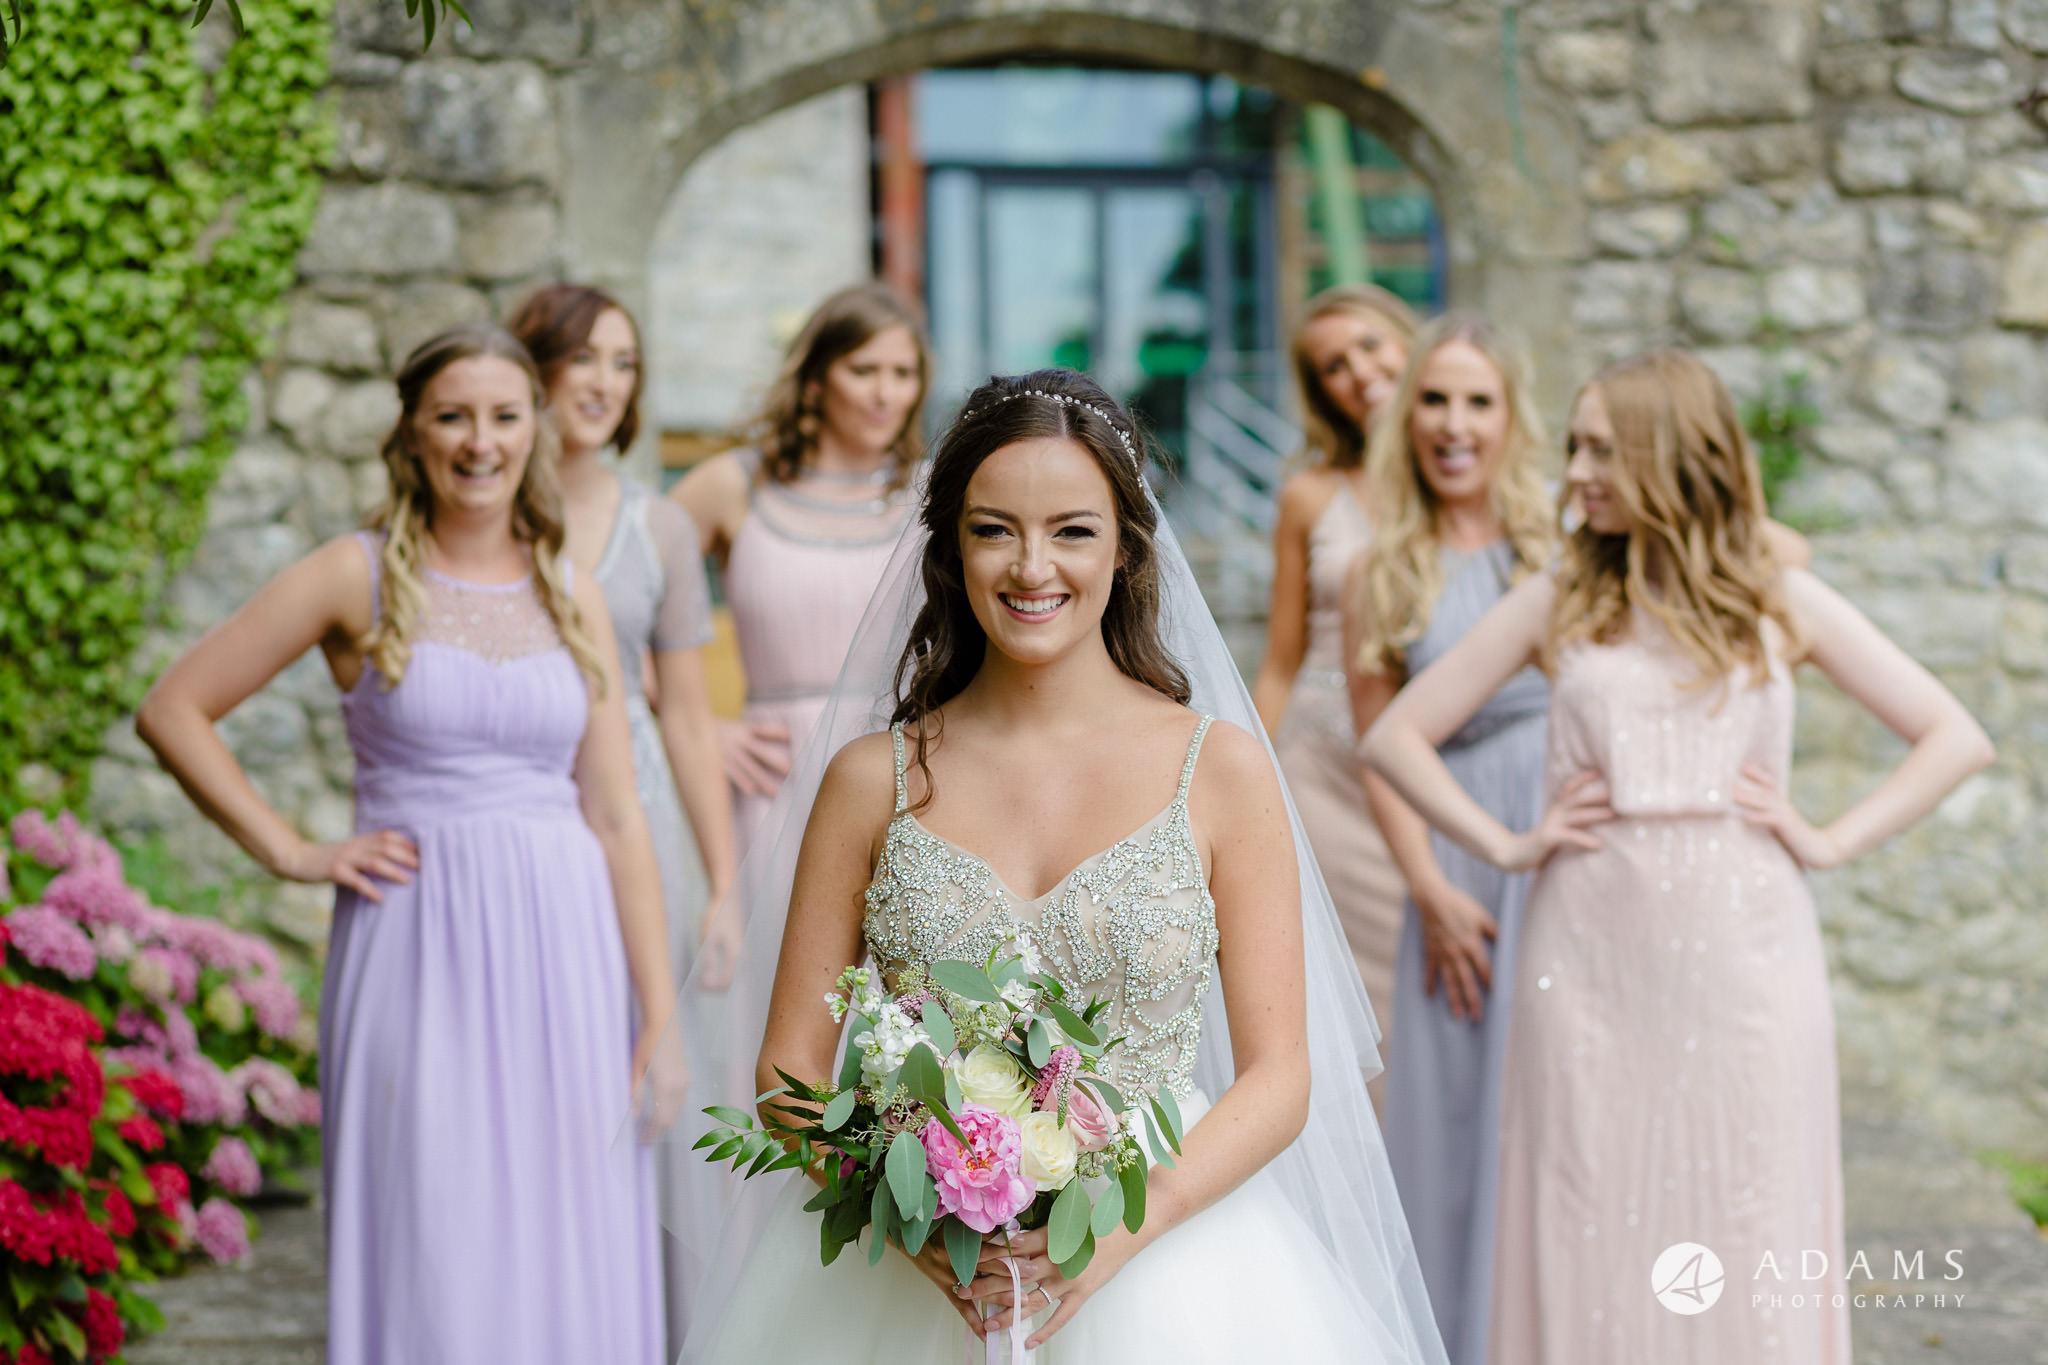 st donats castle wedding bride and bridesmaids portrait